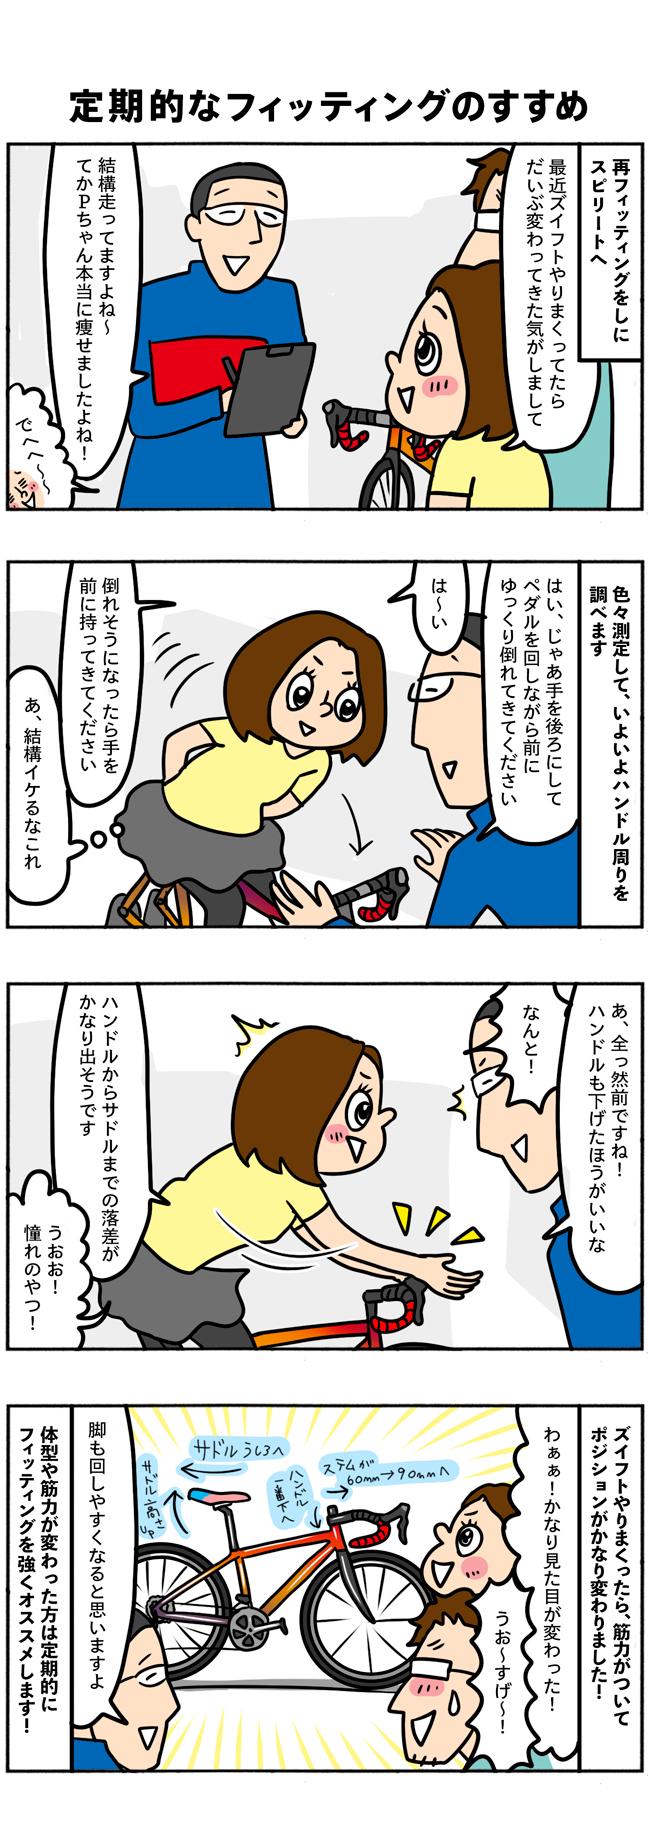 【四コマ漫画】定期的な再フィッティングのすすめ〜常にベストなポジションにしよう〜